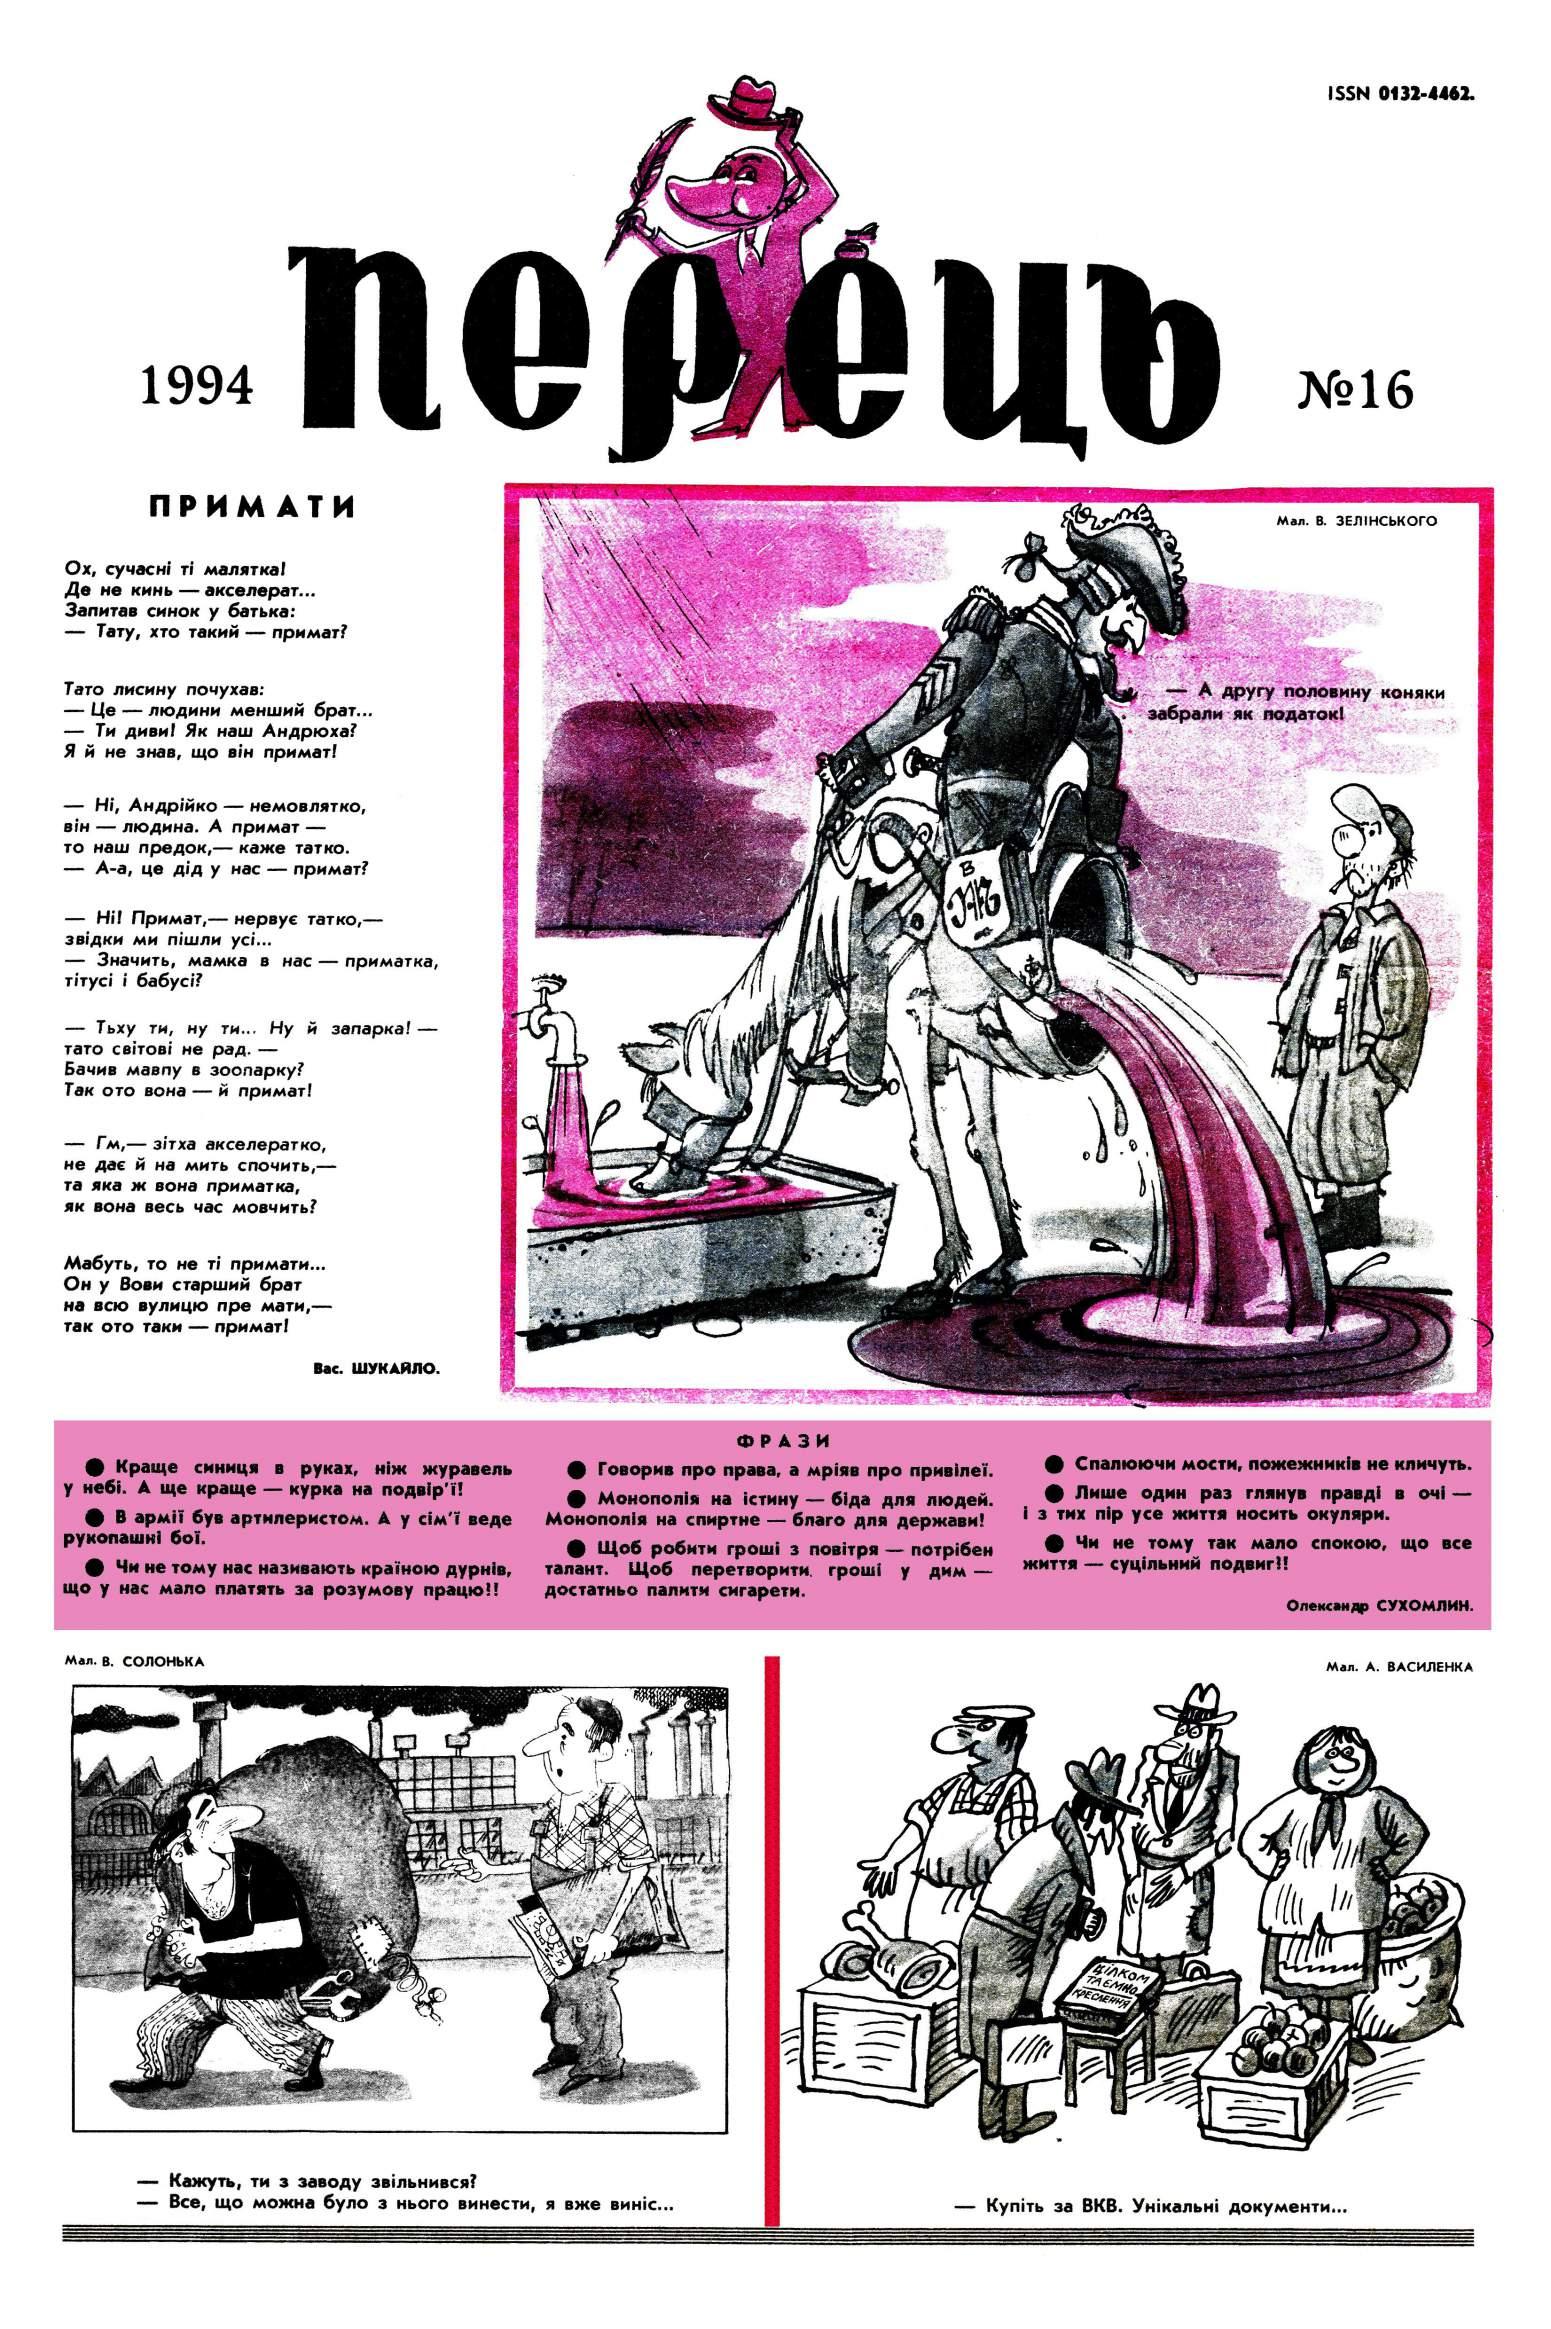 Журнал перець 1994 №16